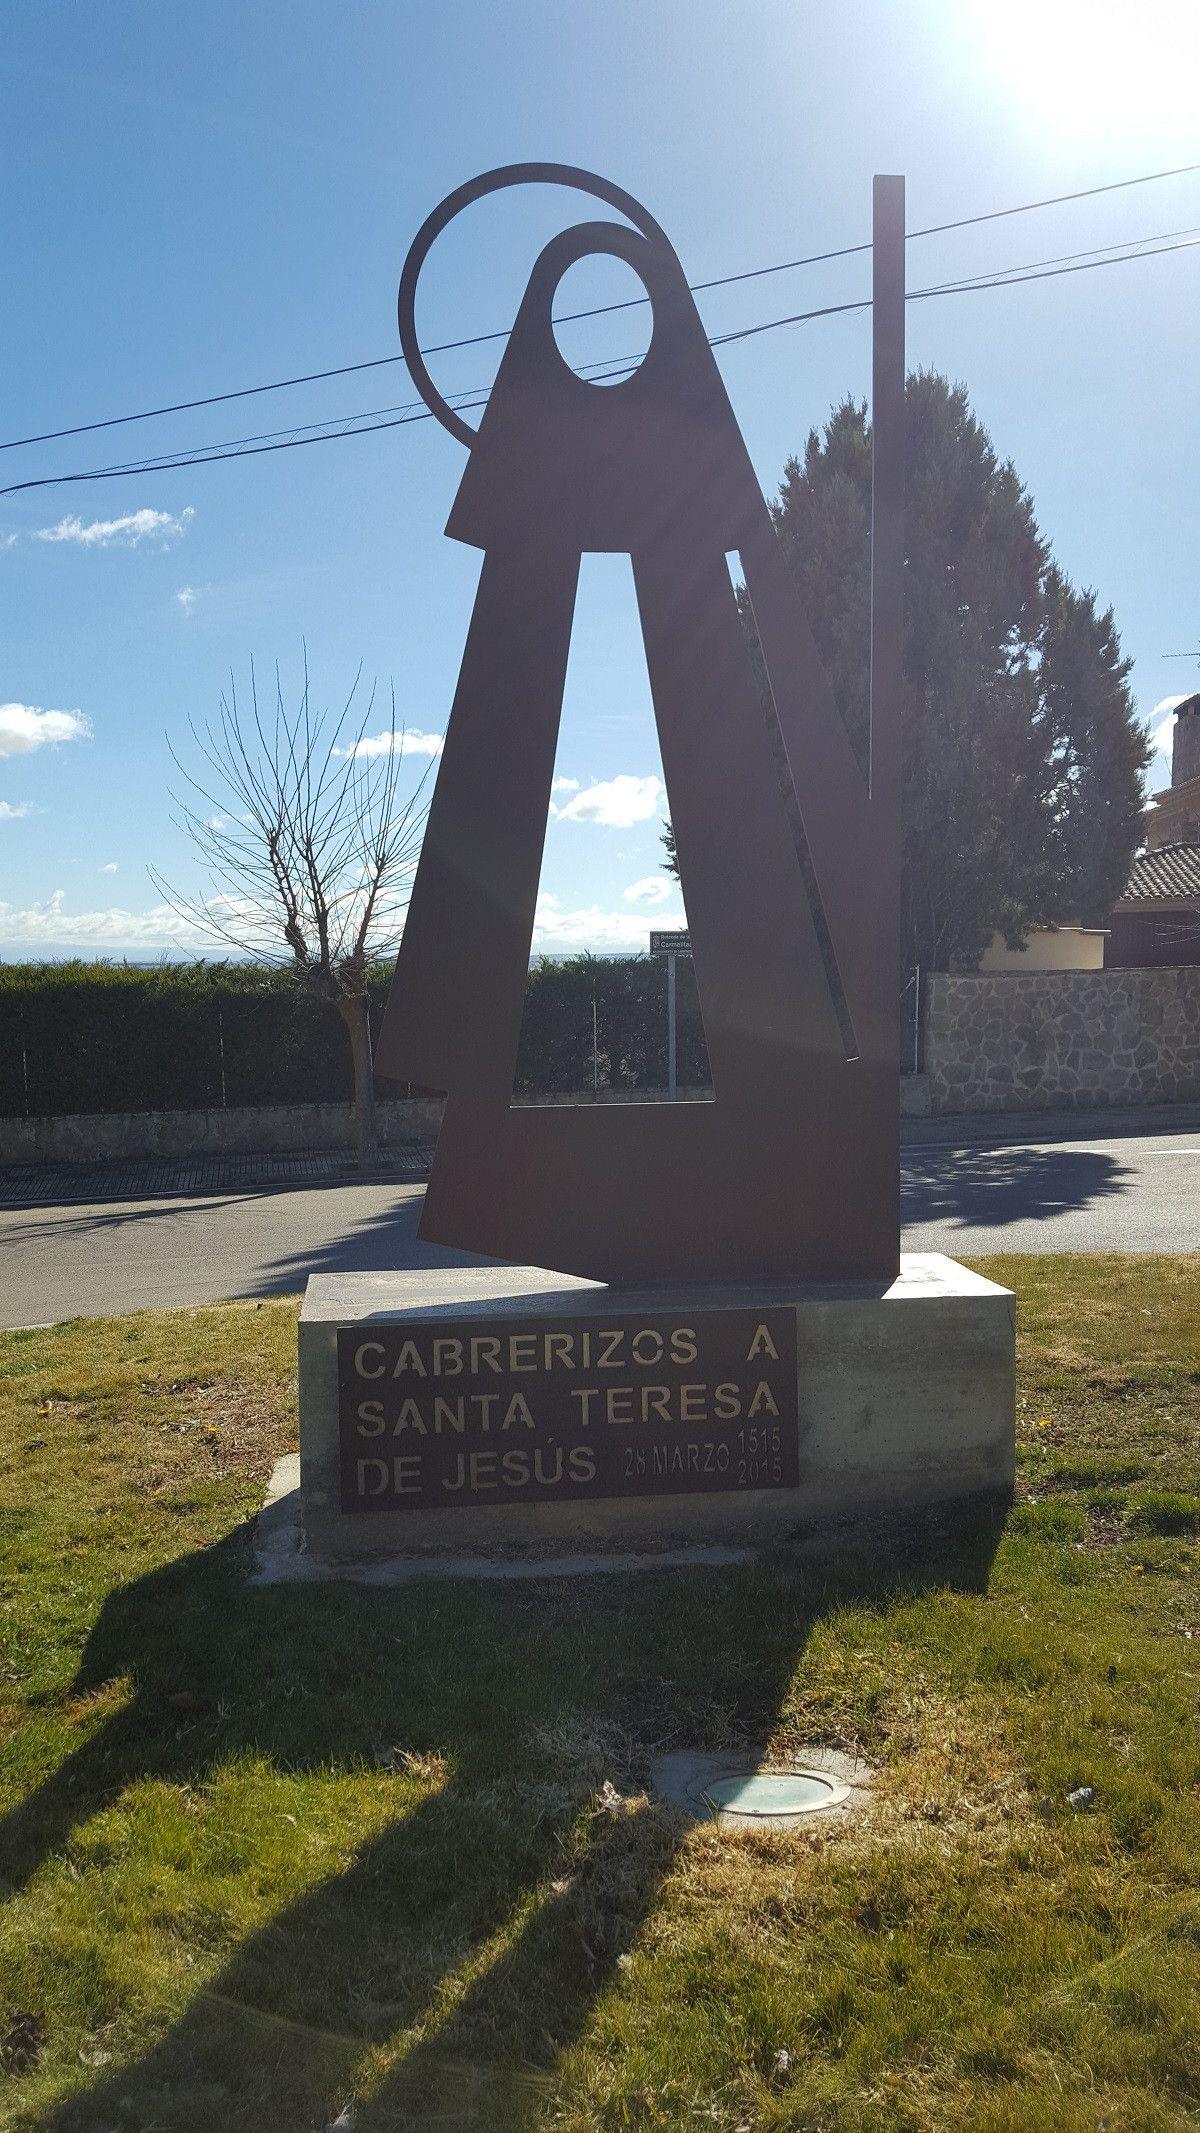 Cabrerizos escultura Santa Teresa